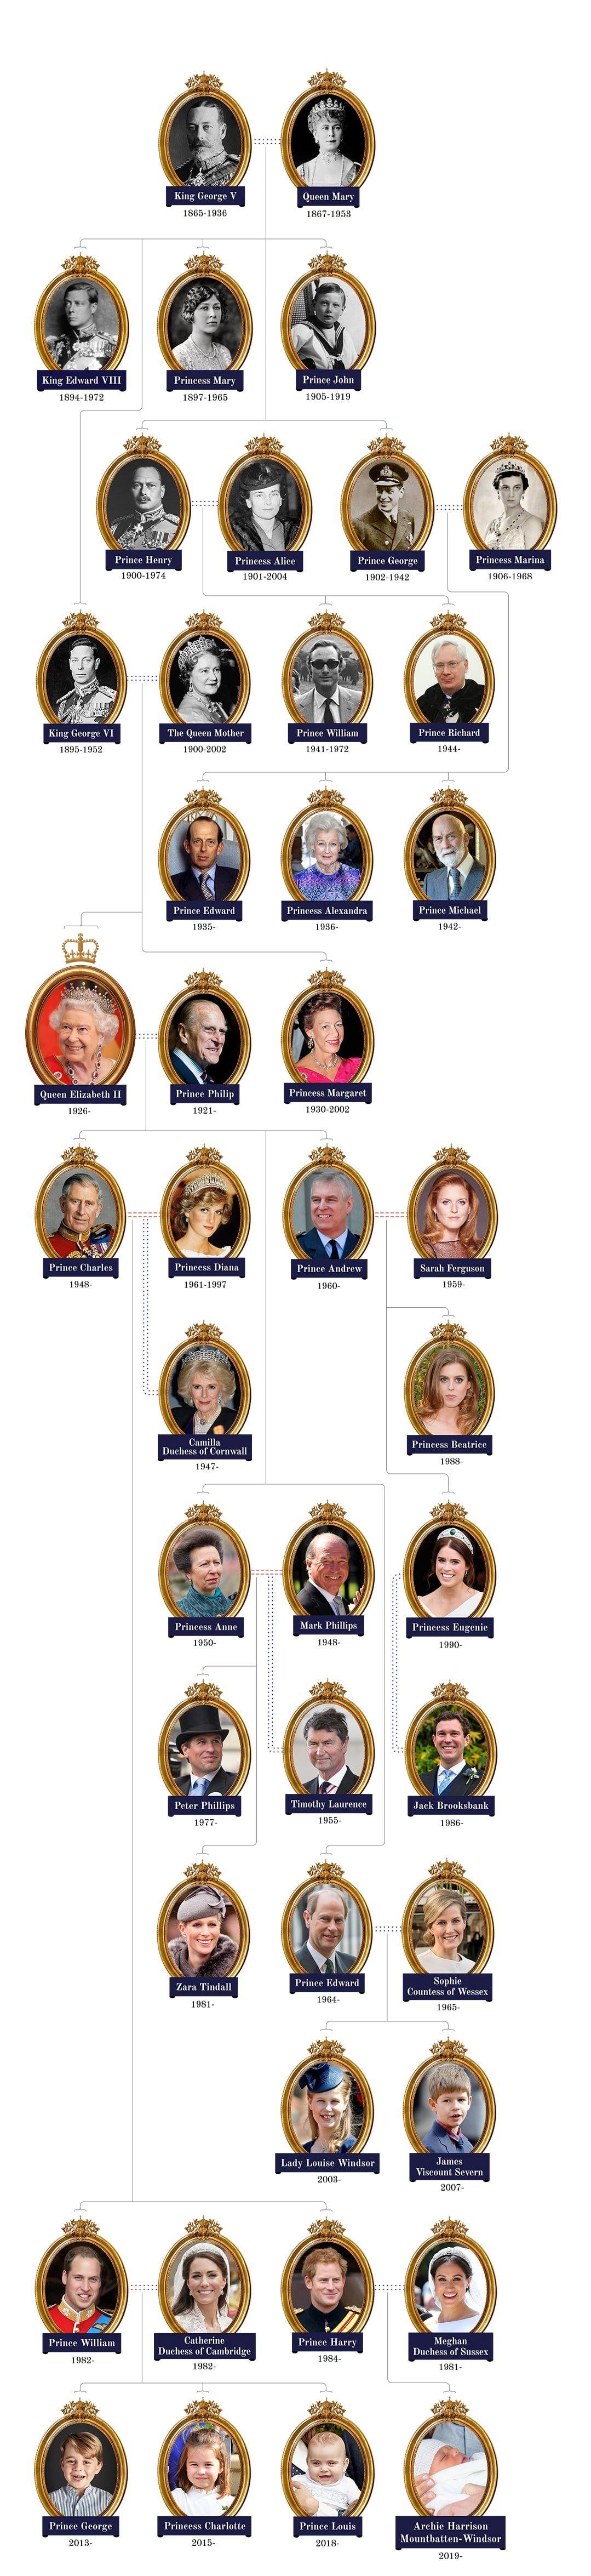 王室 家 系図 イギリス イギリス王位継承順位